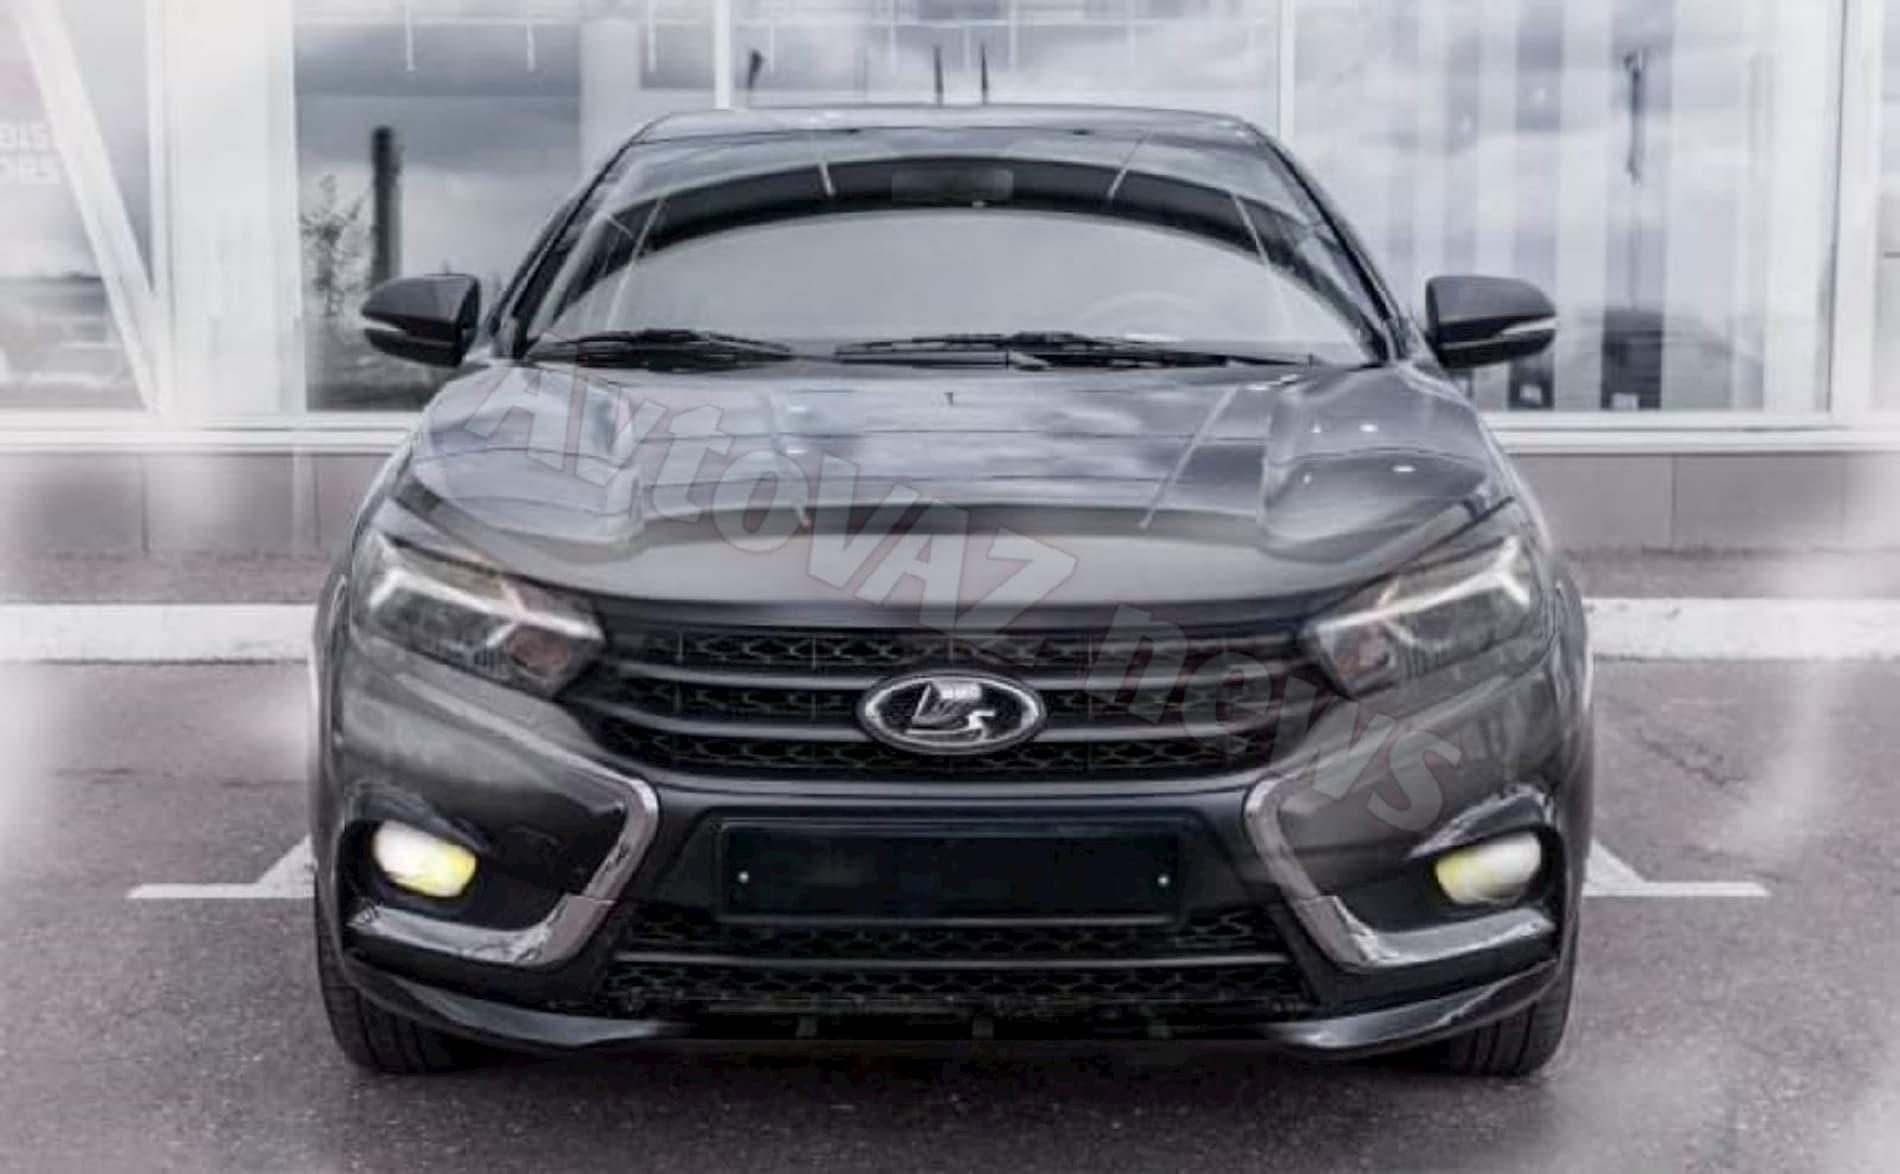 Lada Vesta Facelift показали на первом фото.  новые подробности